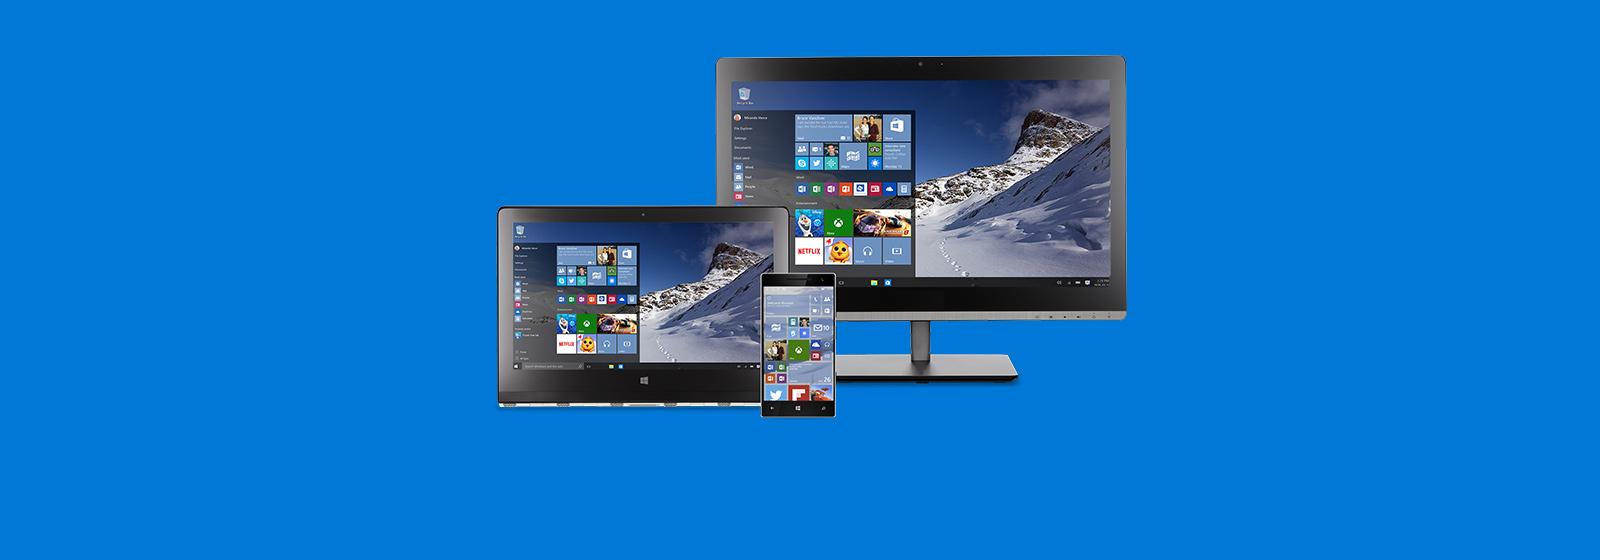 Windows 10 segera hadir. Ketahui selengkapnya.